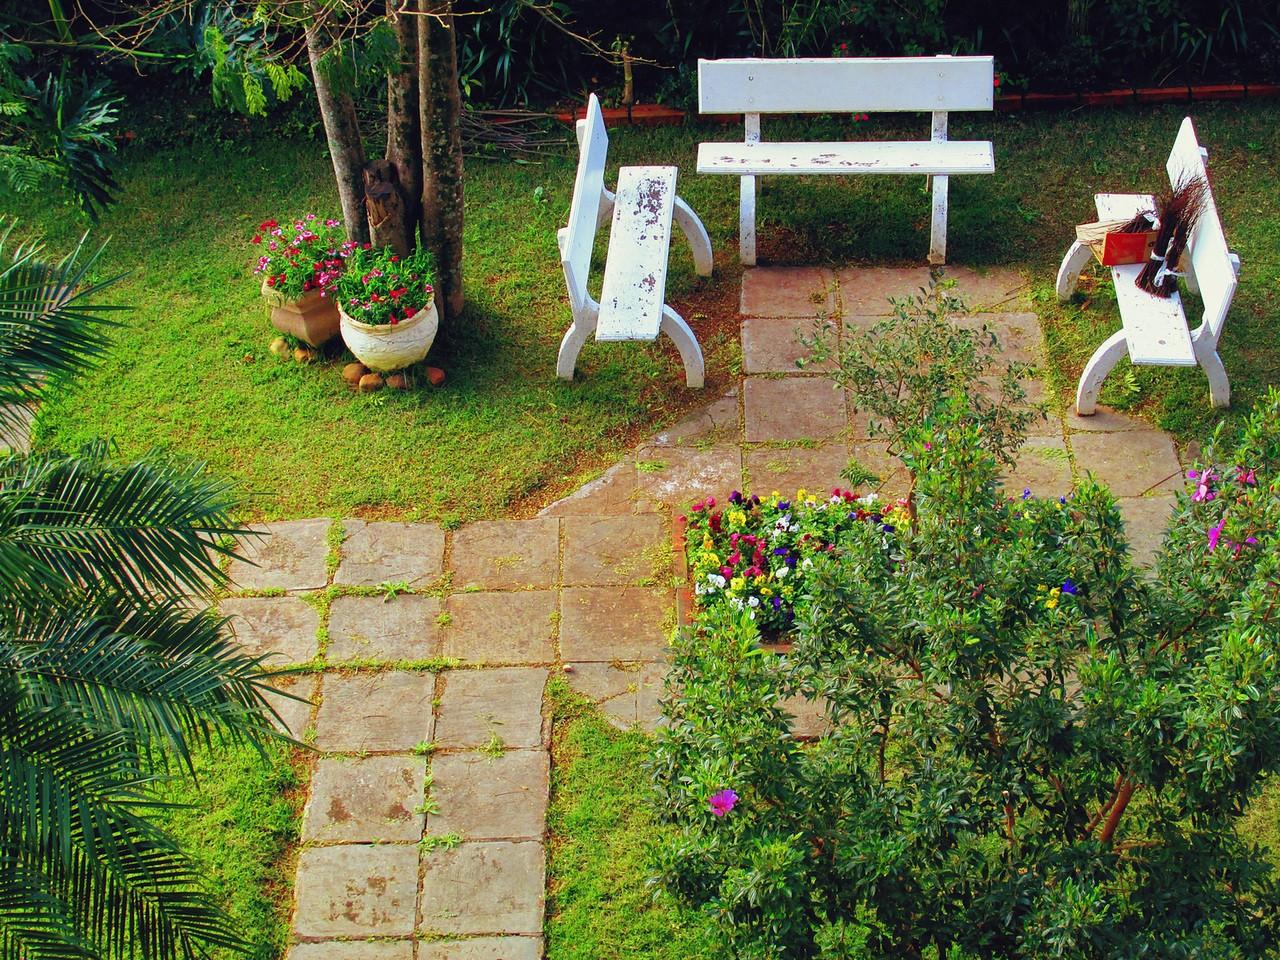 Czysto i schludnie – mała architektura w ogrodzie